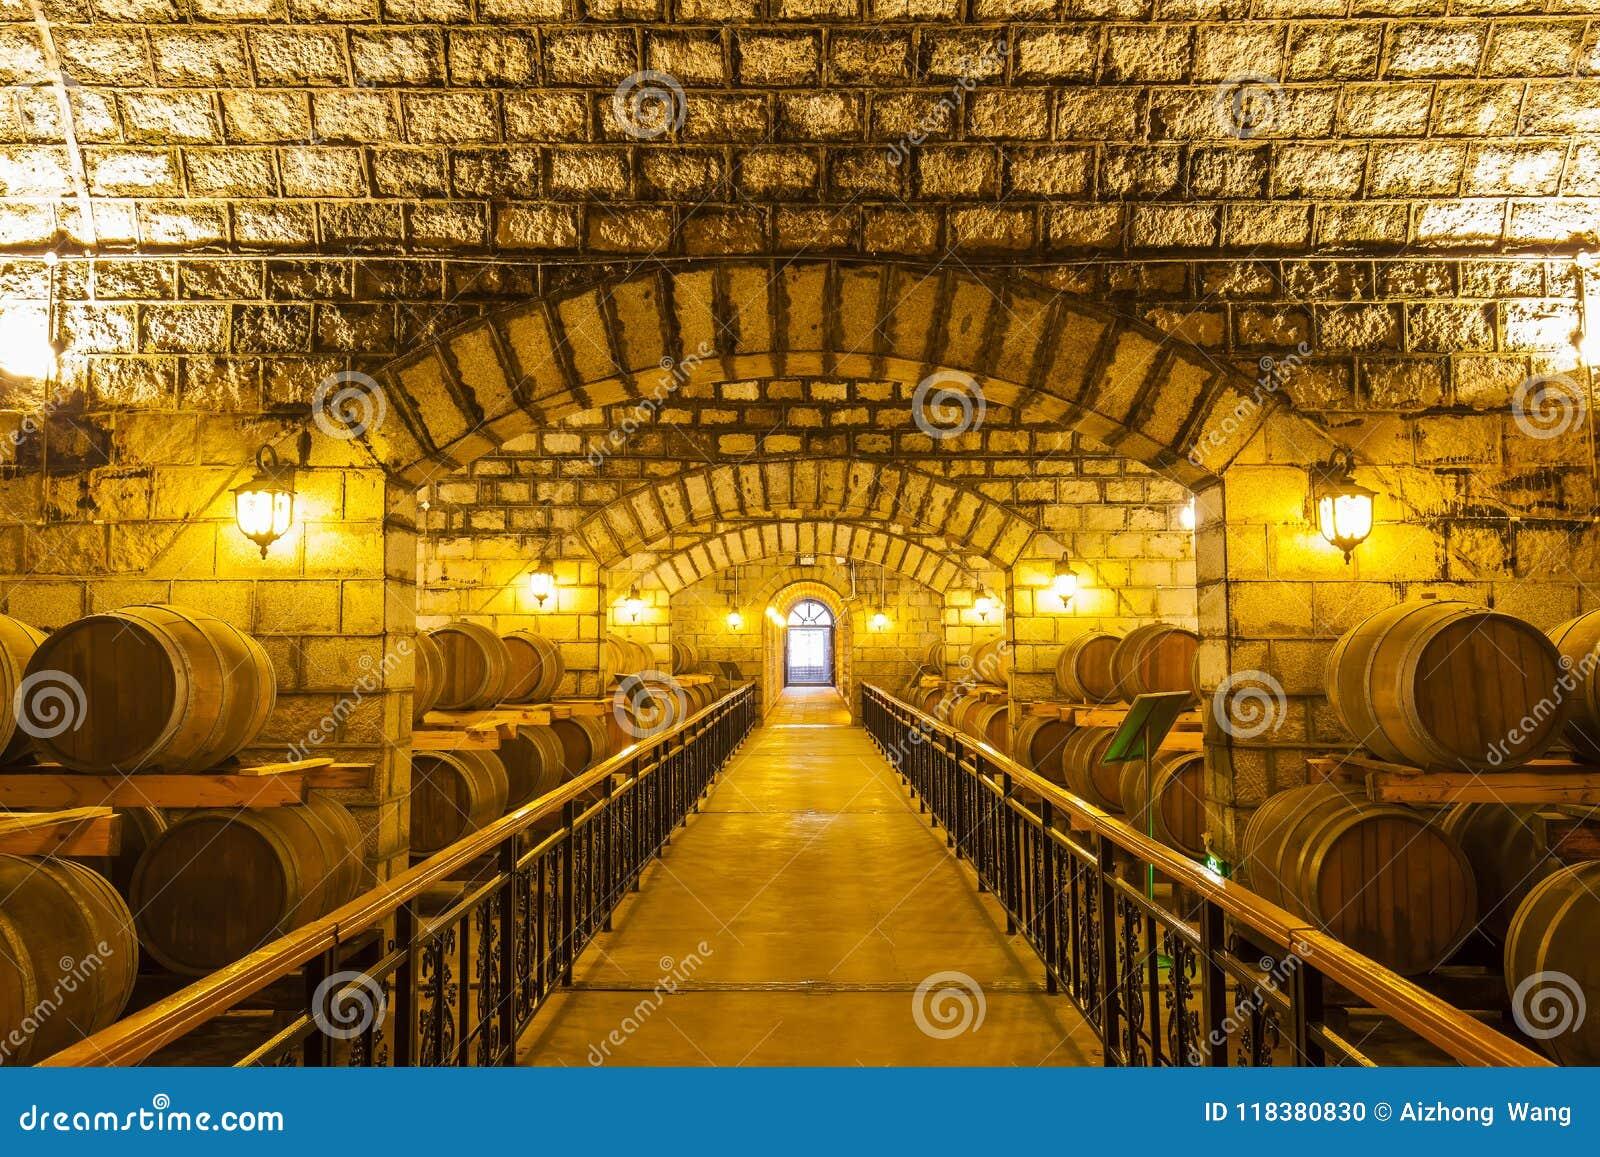 Barils de vin empilés dans la cave